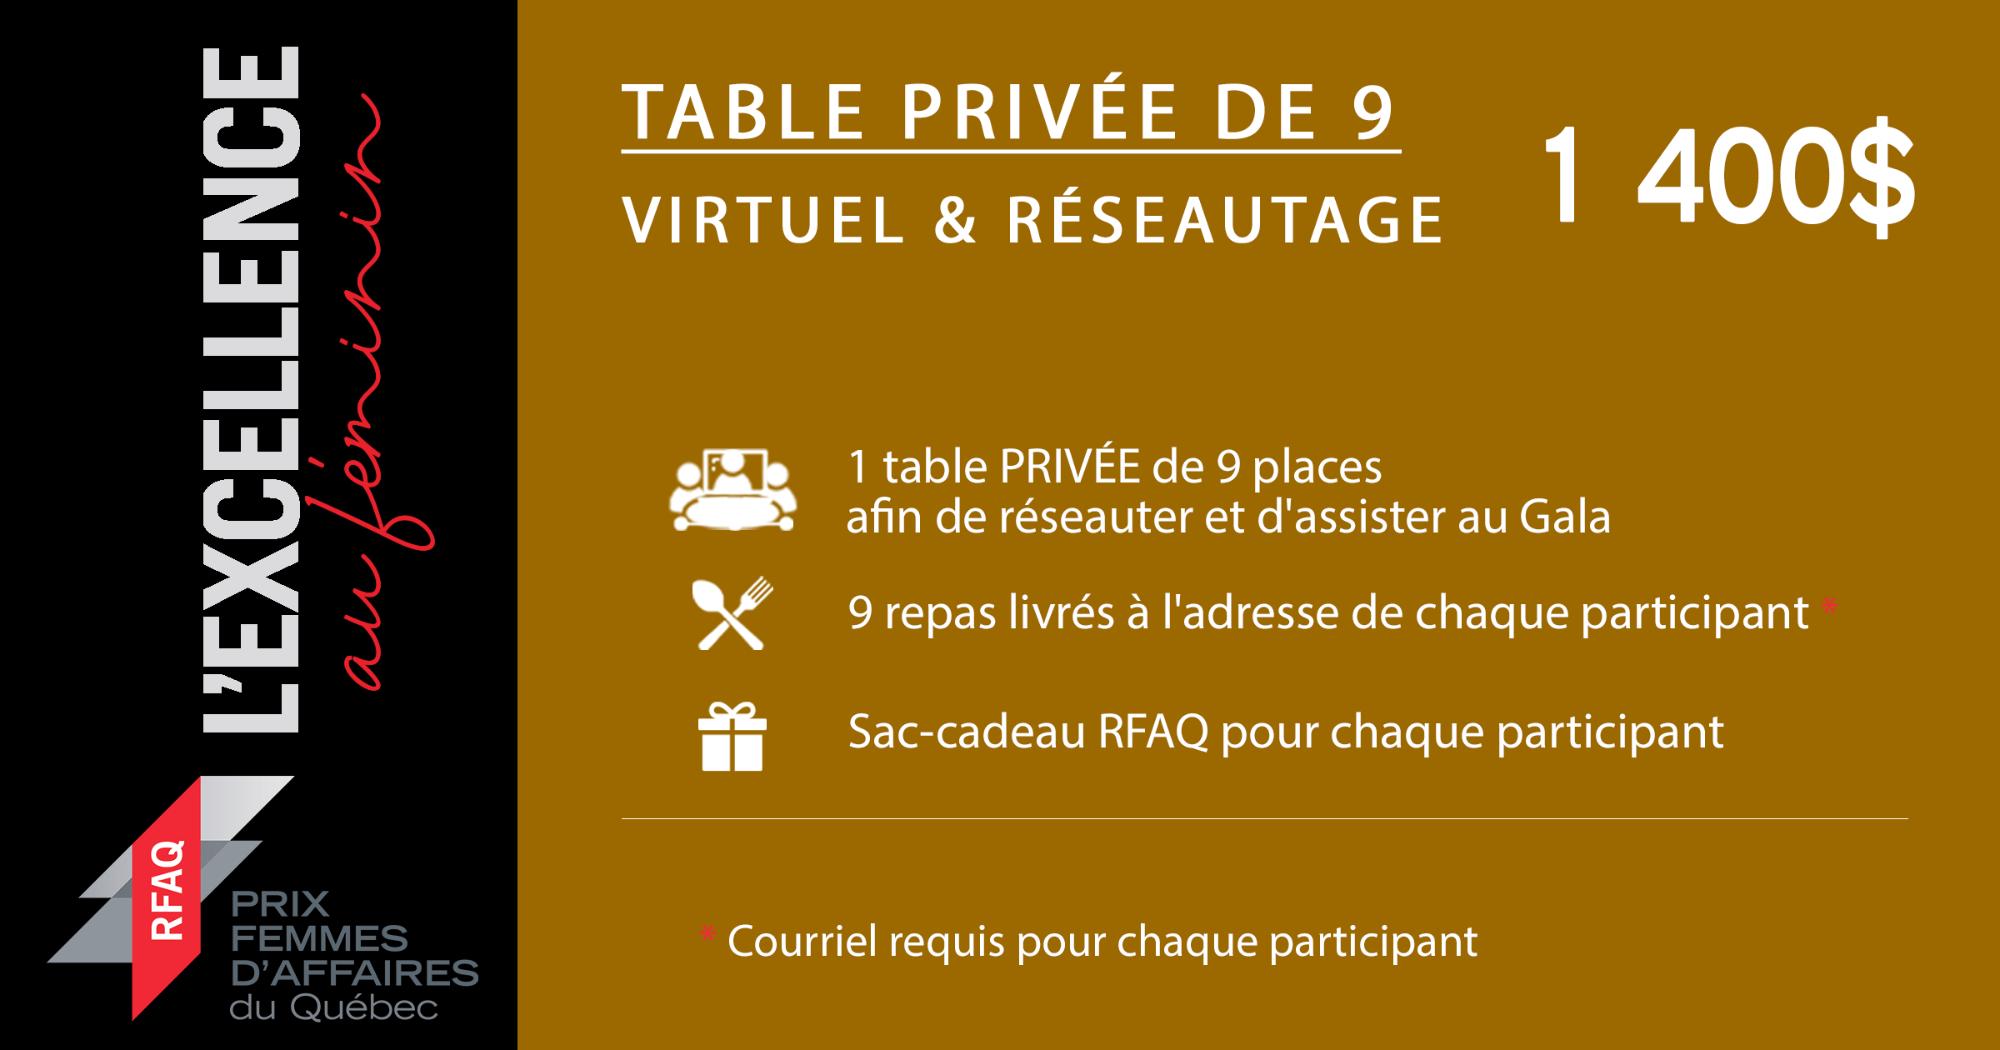 TABLE PRIVÉE DE 9 | VIRTUEL & RÉSEAUTAGE